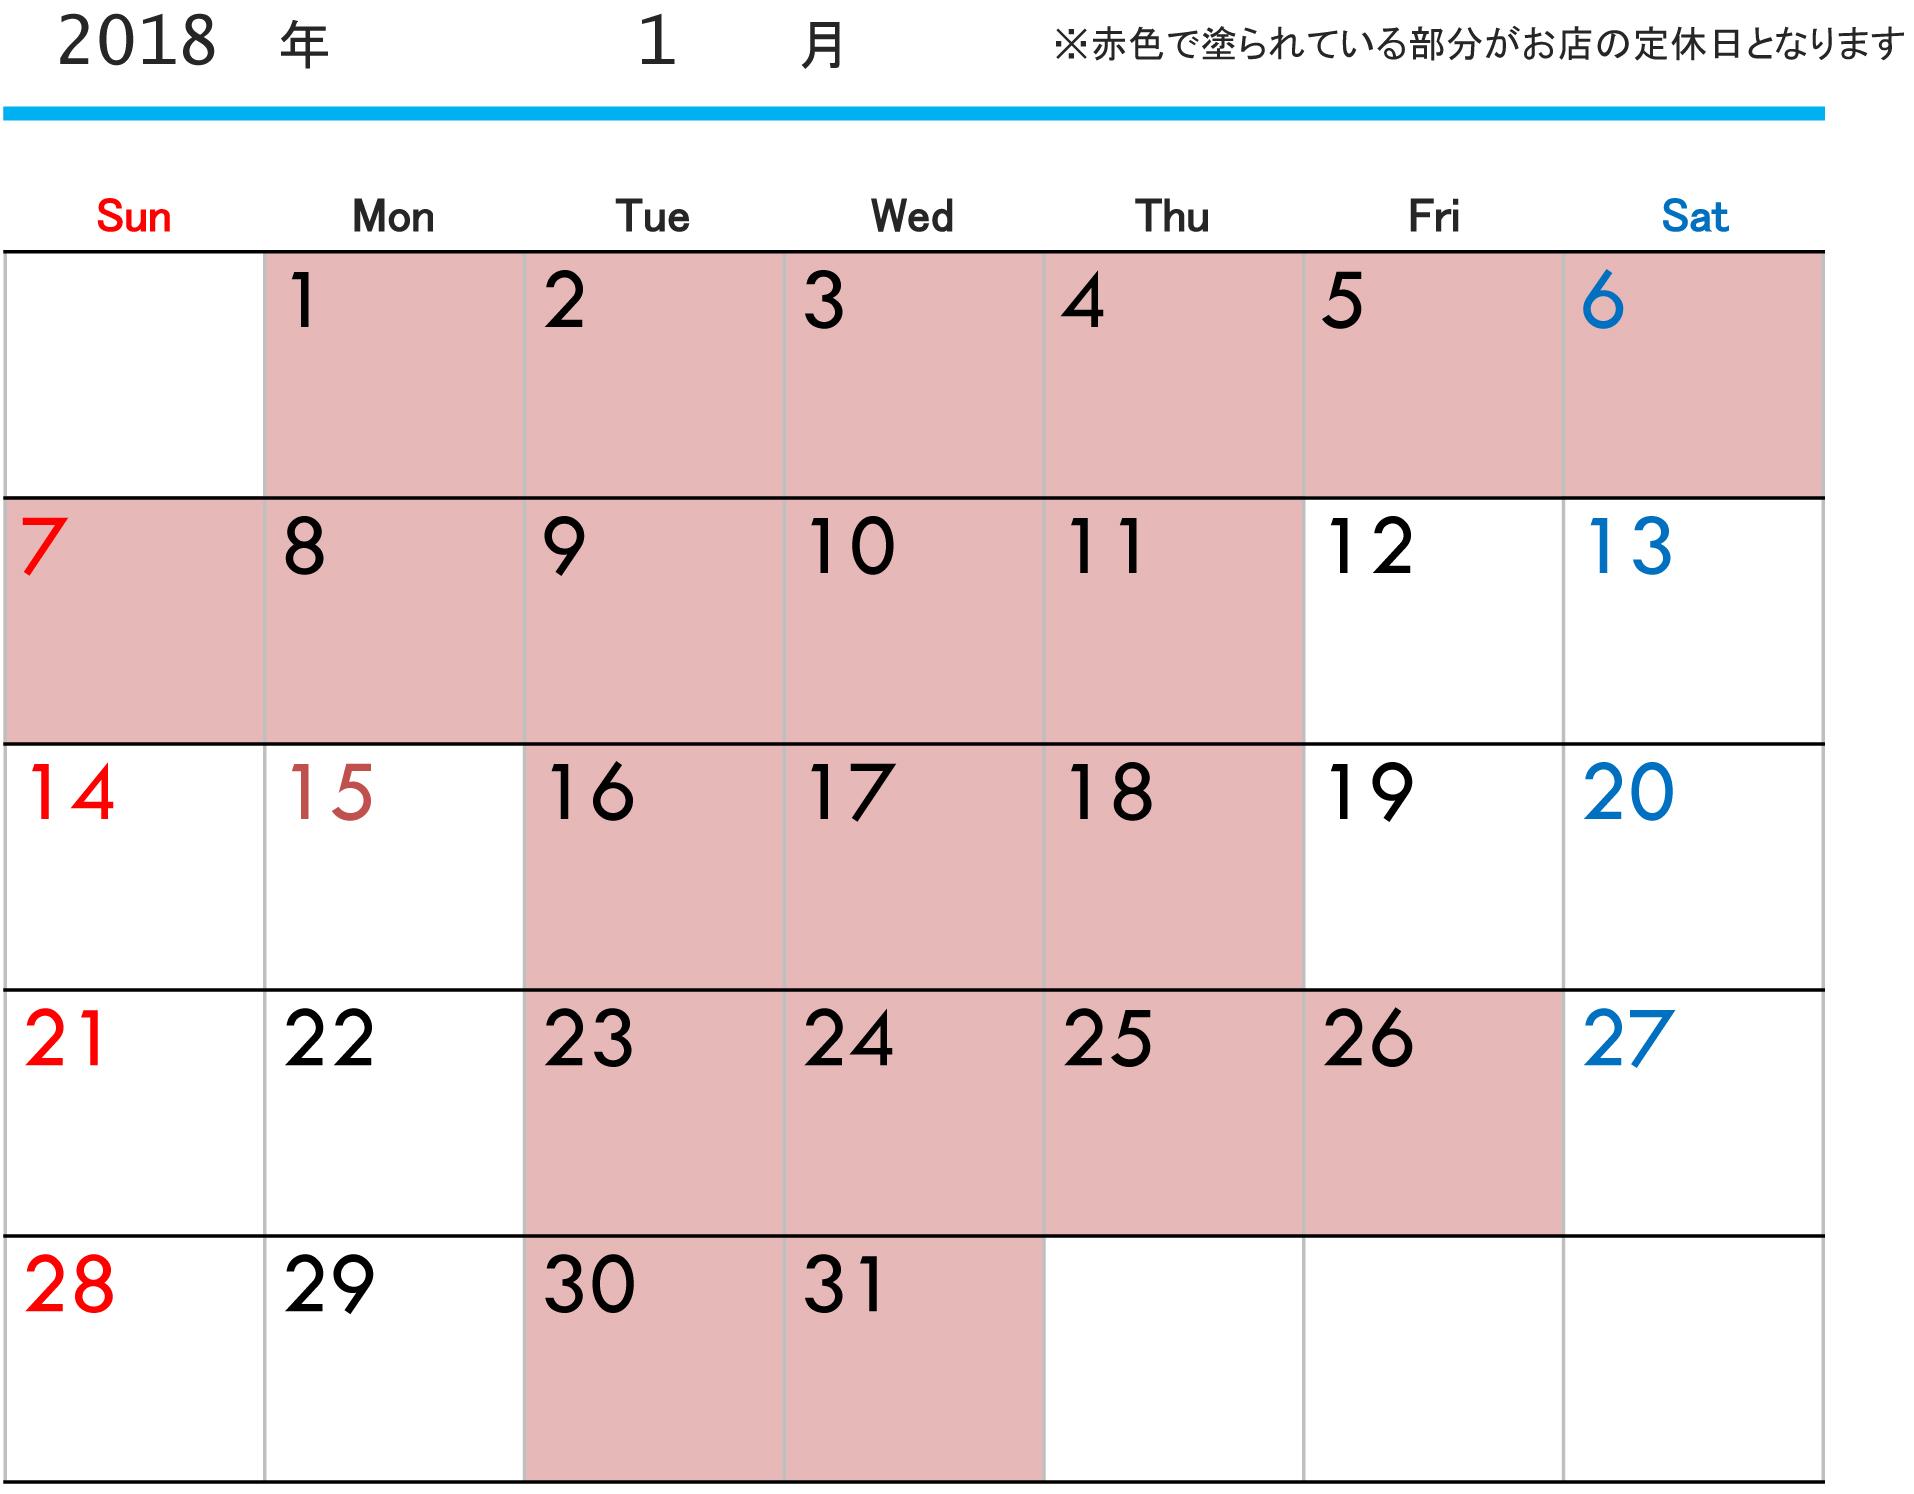 1月定休日カレンダー-カレンダー-1